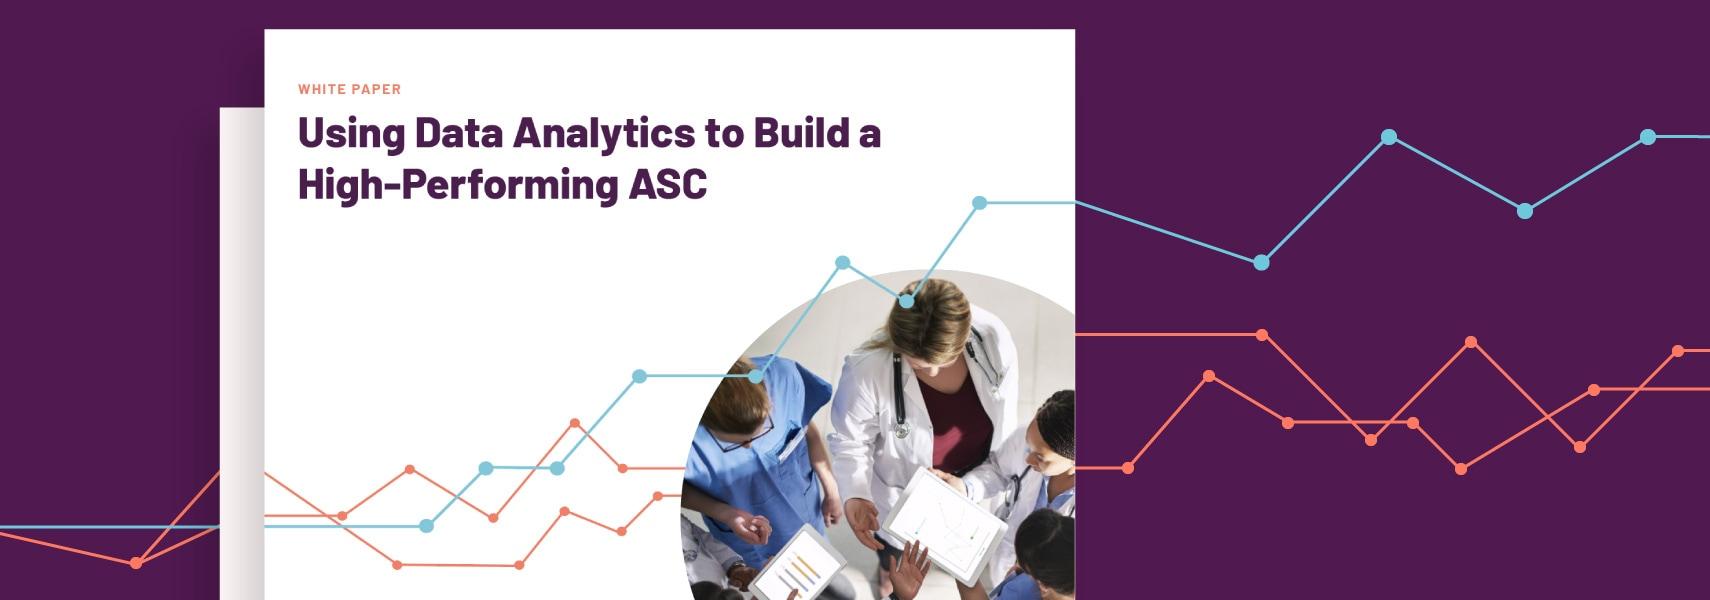 ASC Data Analytics